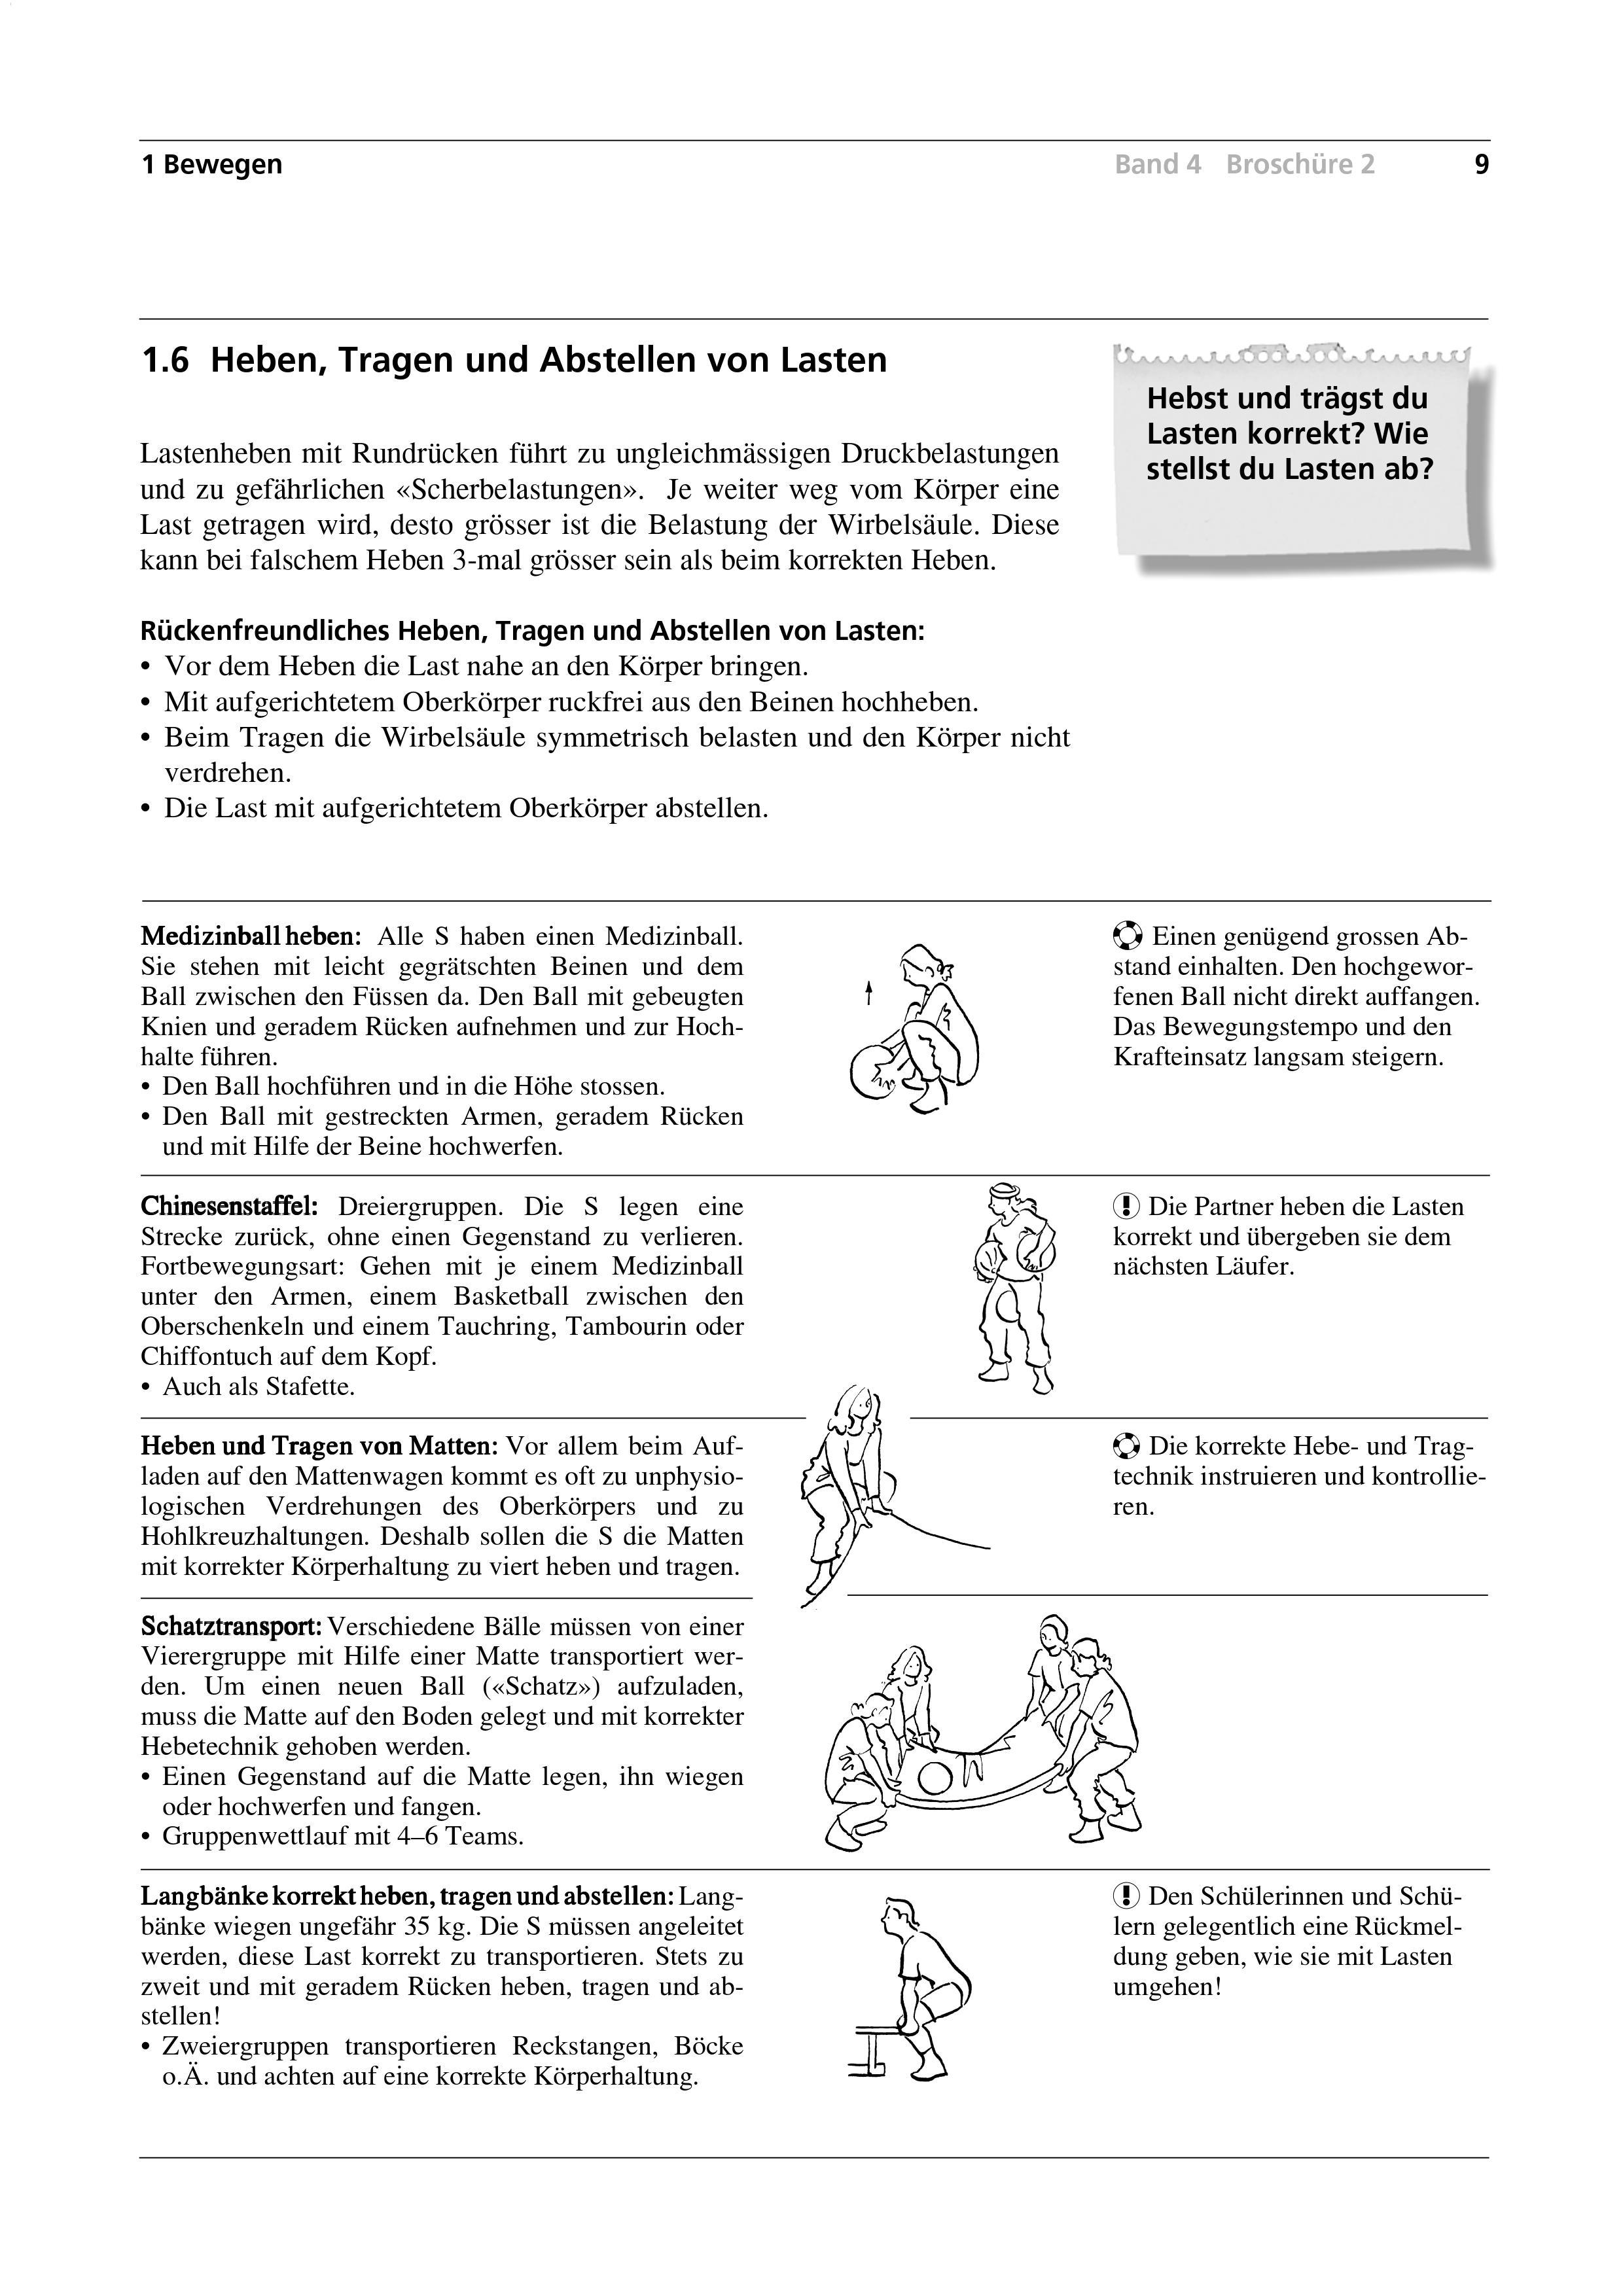 Preview image for LOM object Heben, Tragen und Abstellen von Lasten